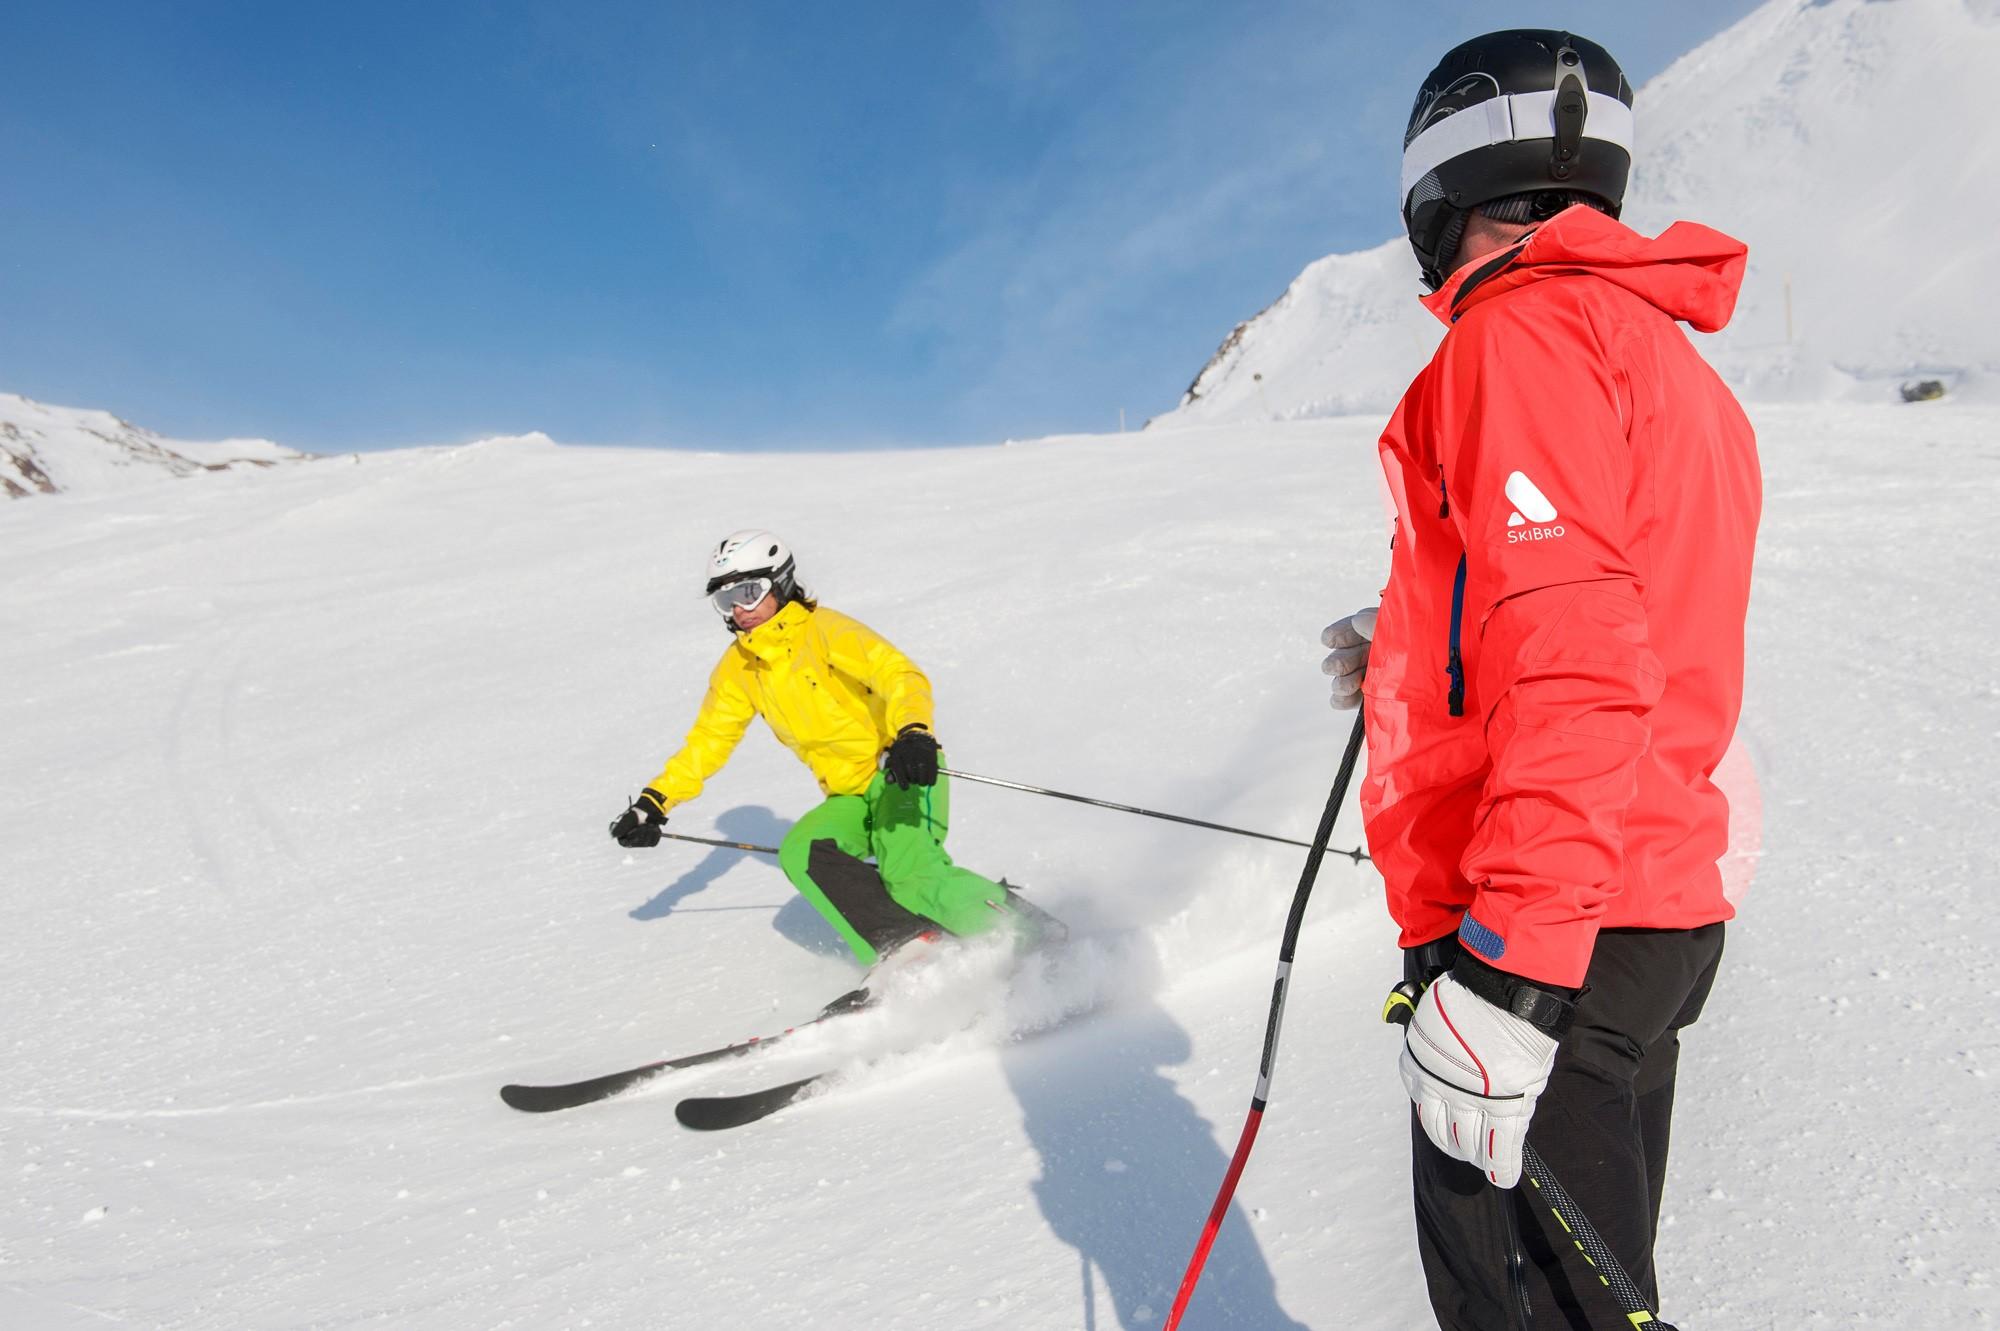 ski lessons covid-19, ski lessons coronavirus, ski holiday covid-19, ski holiday coronavirus, ski instructor, private ski lessons